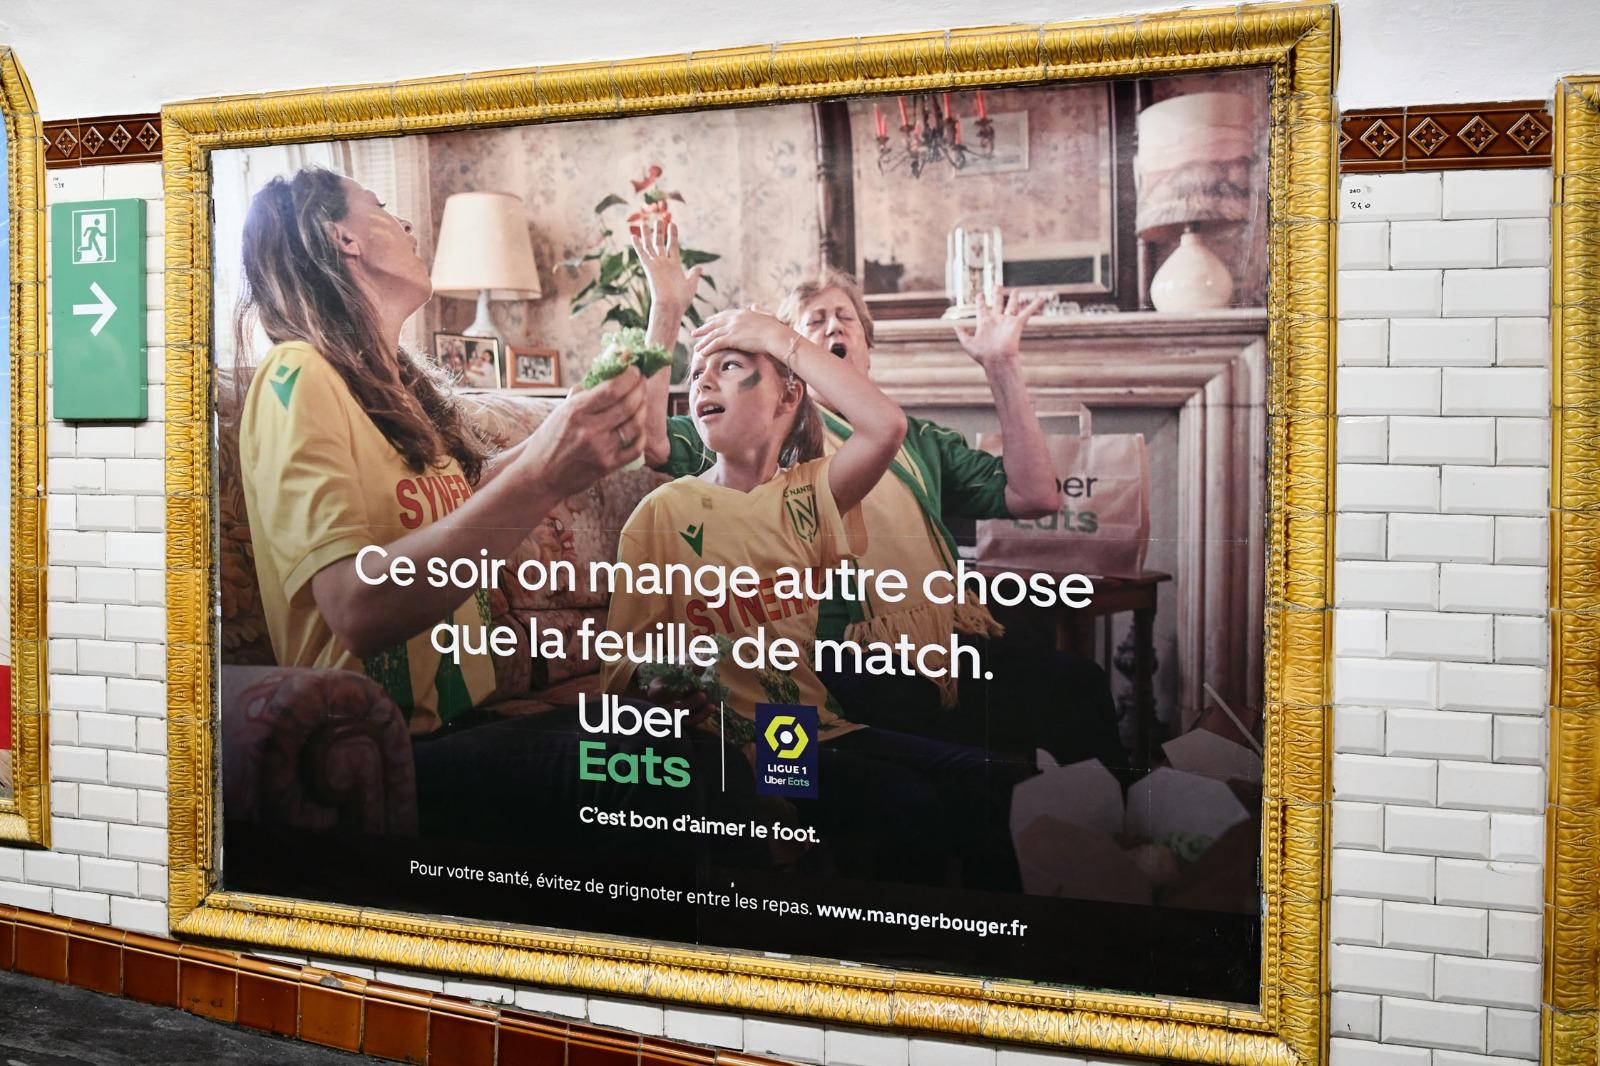 Mise_en_situ_1_UberEats_cest_bon_daimer_le_foot_ligue1_ligue2_lafourmi